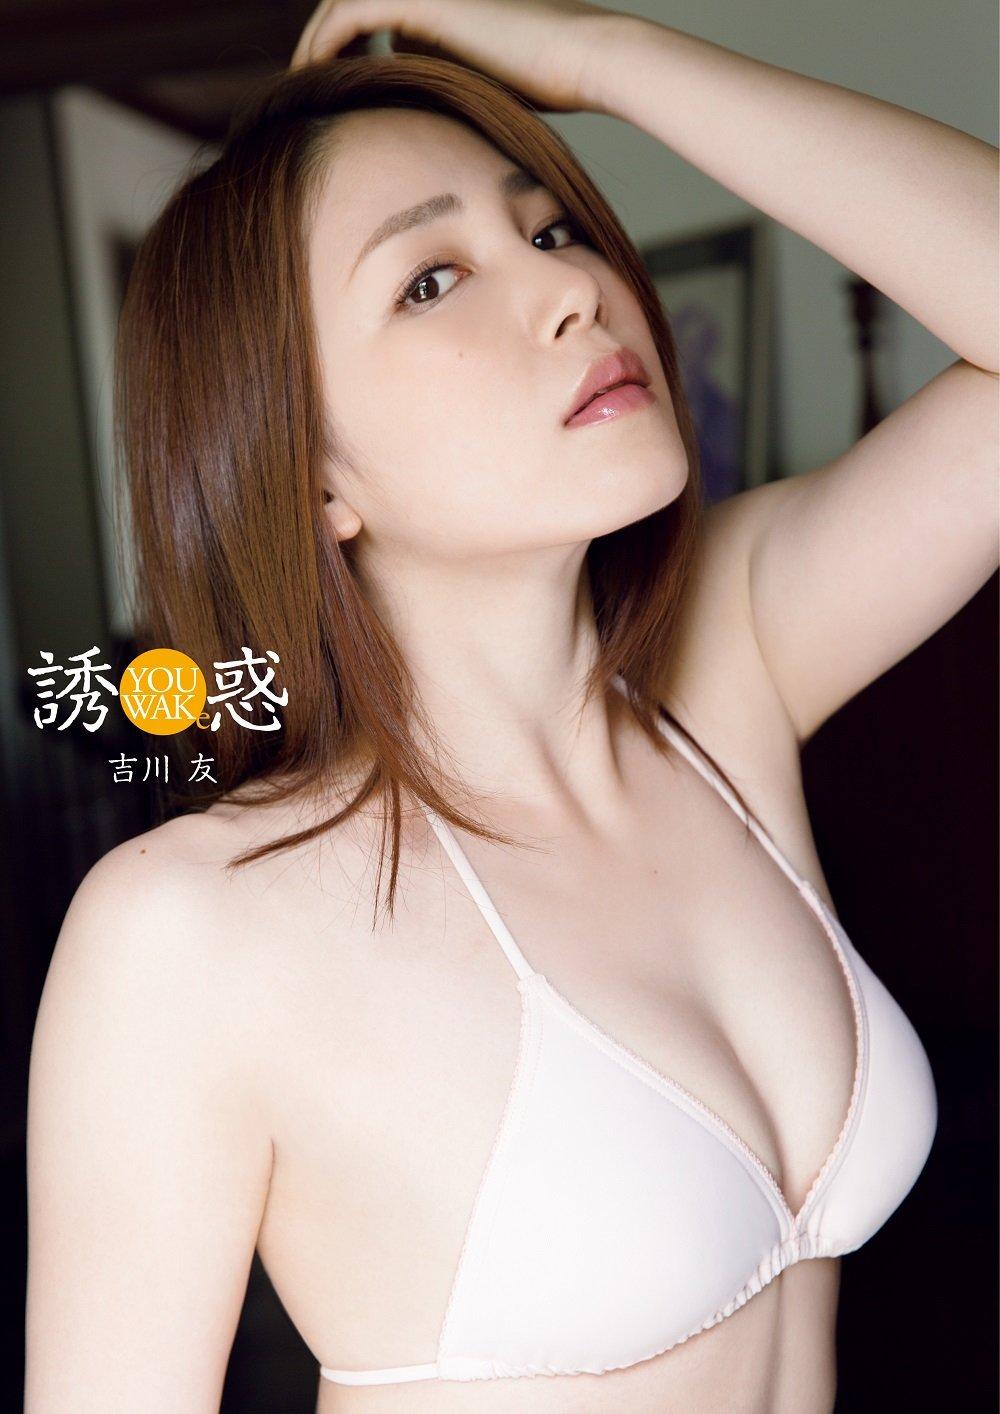 吉川友の写真集「誘惑」